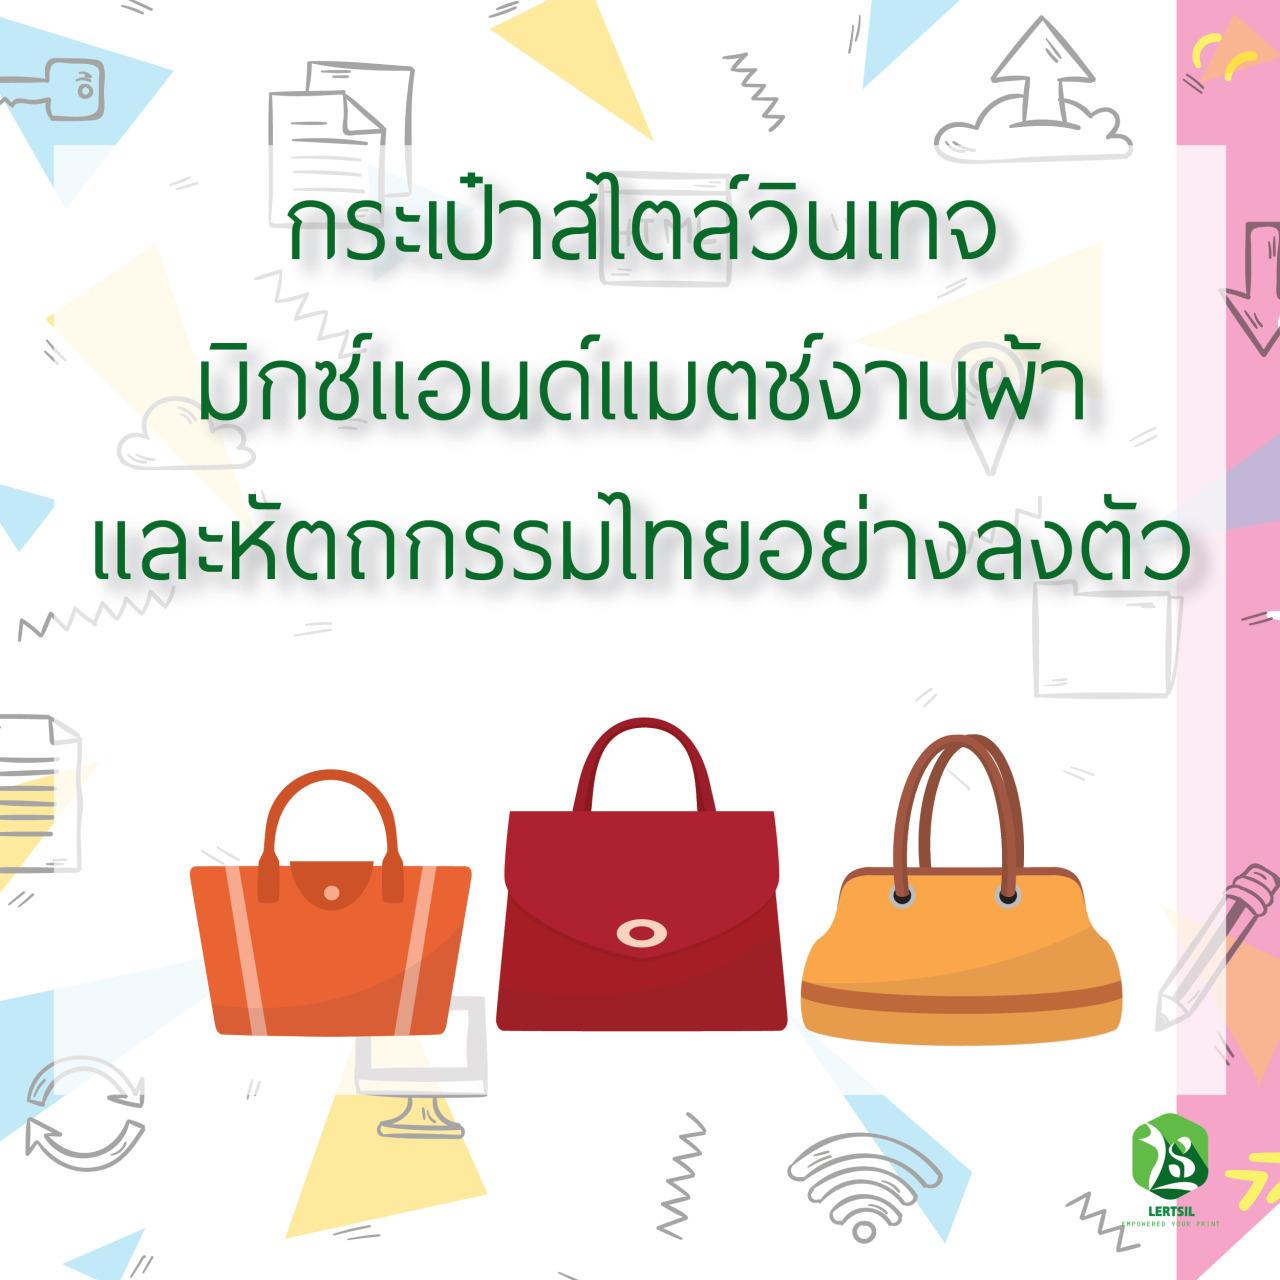 กระเป๋าสไตล์วินเทจมิกซ์เเอนด์เเมดช์งานผ้าเเละหัตกรรมไทยอย่างลงตัว